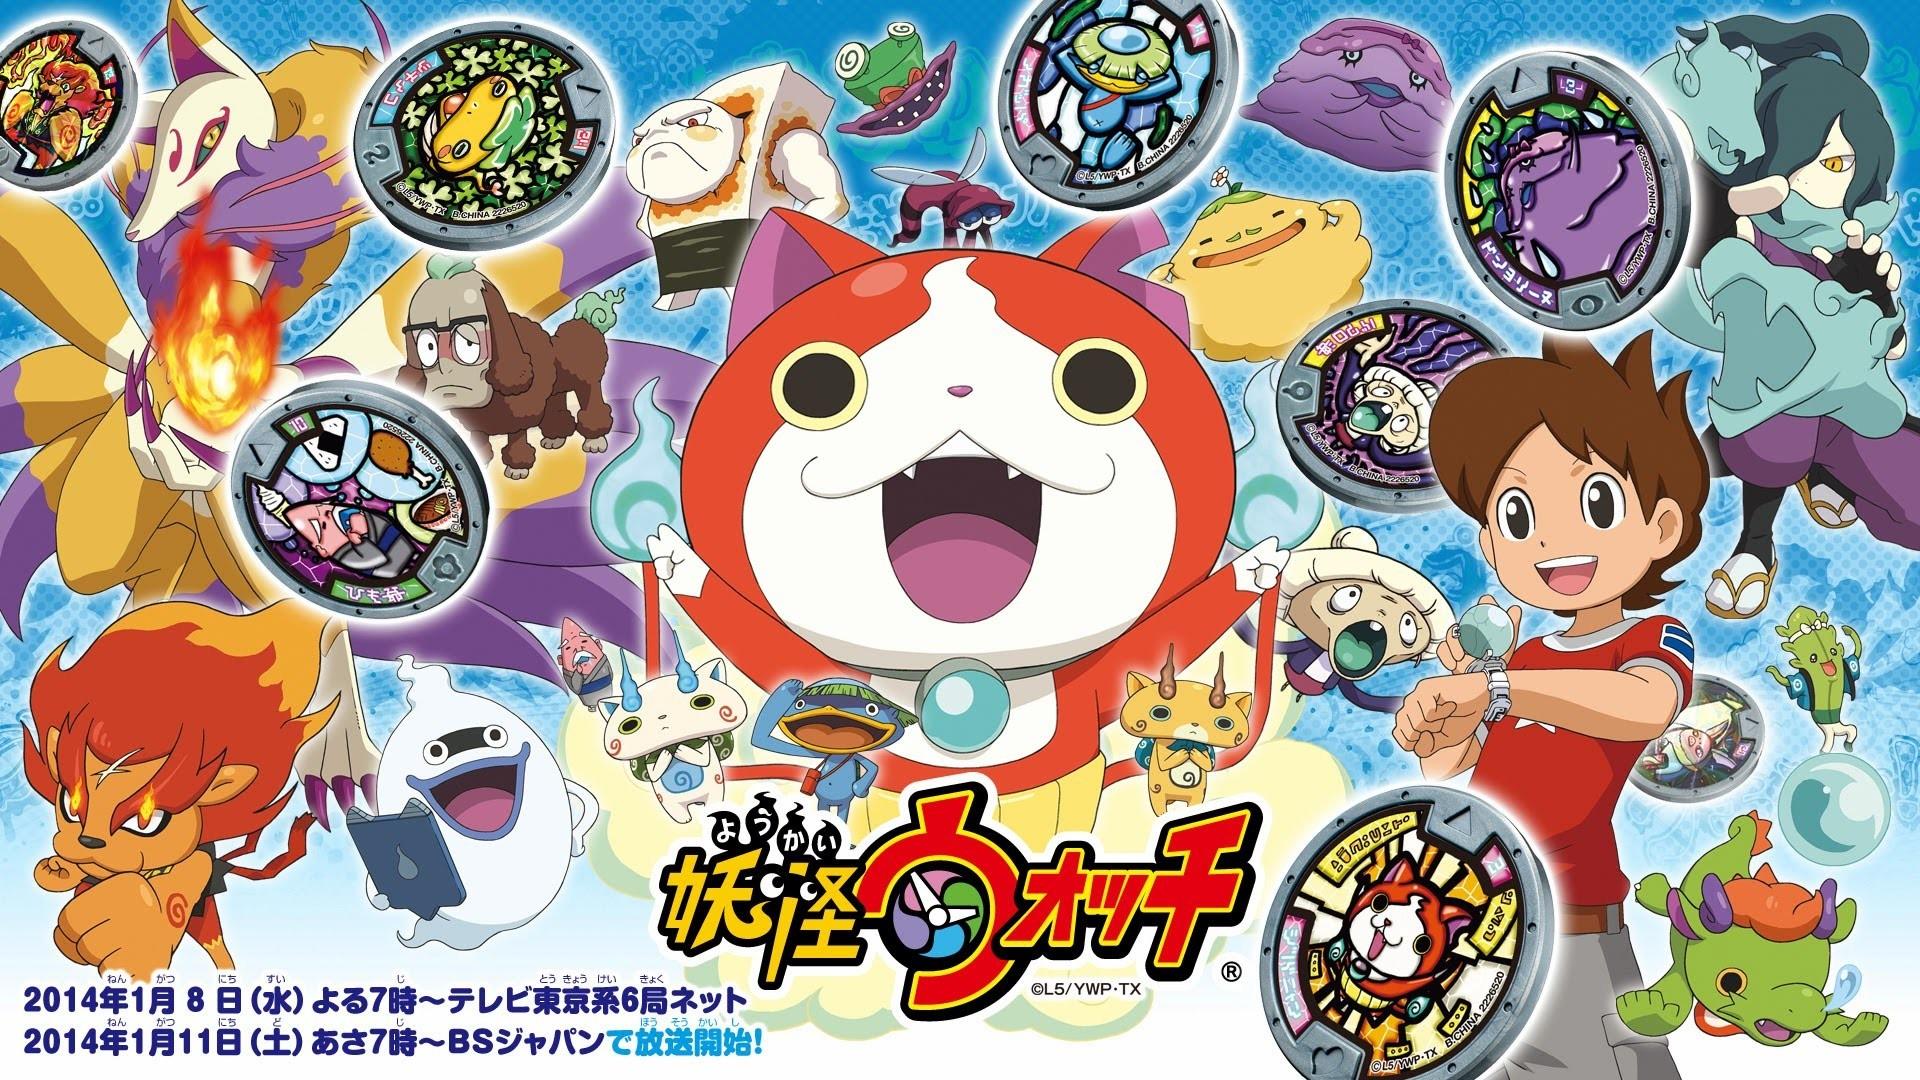 yo-kai watch wallpaper  Yo Kai Watch Wallpapers ·①